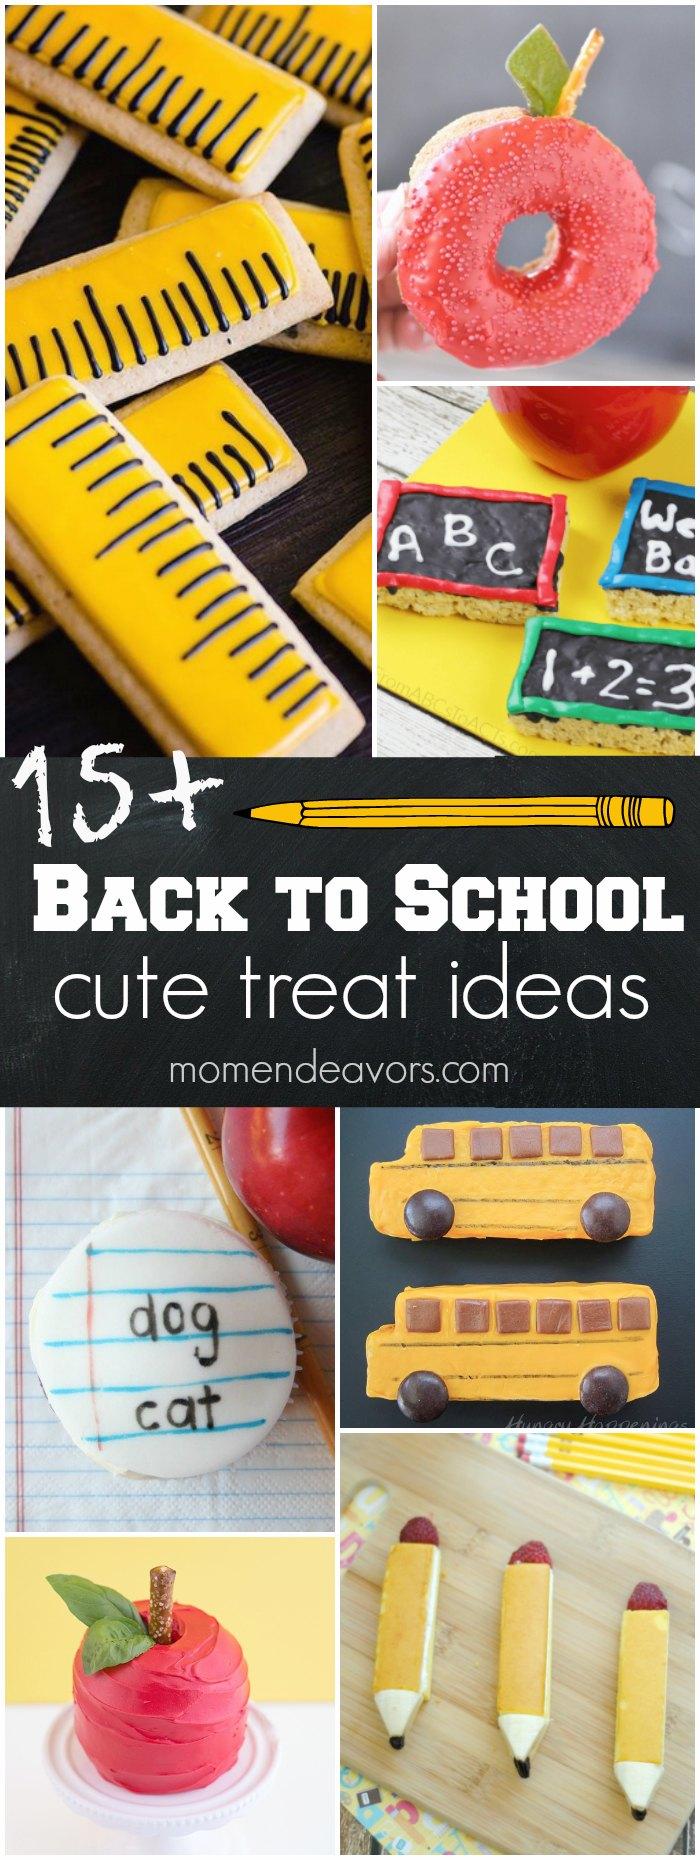 15+ Cute Back To School Treats